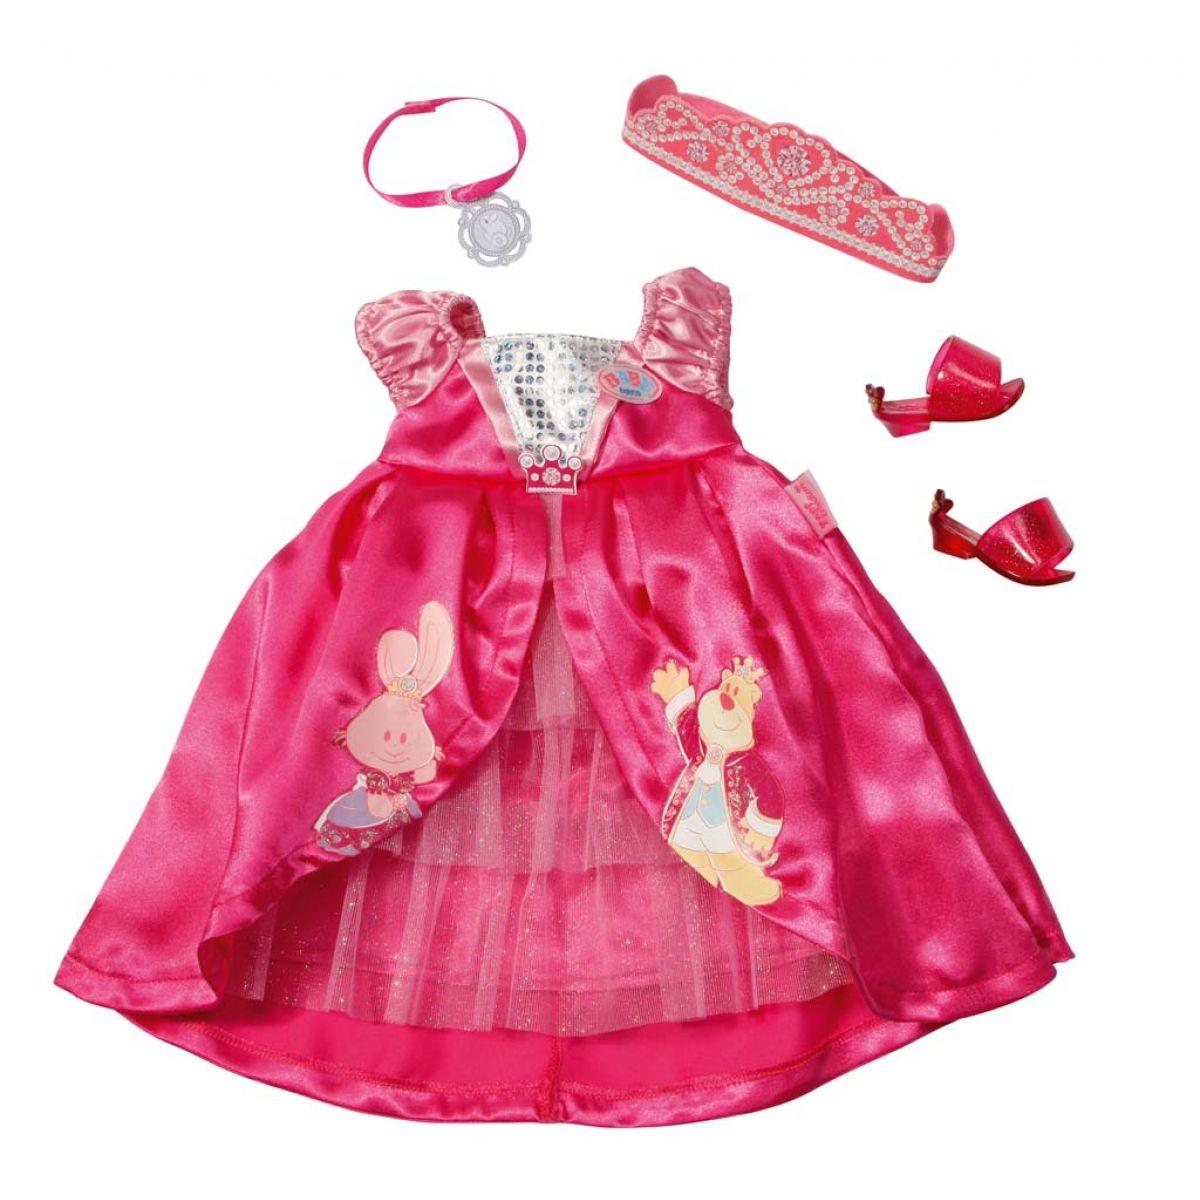 BABY born 819333 - BABY born® Souprava pro princeznu